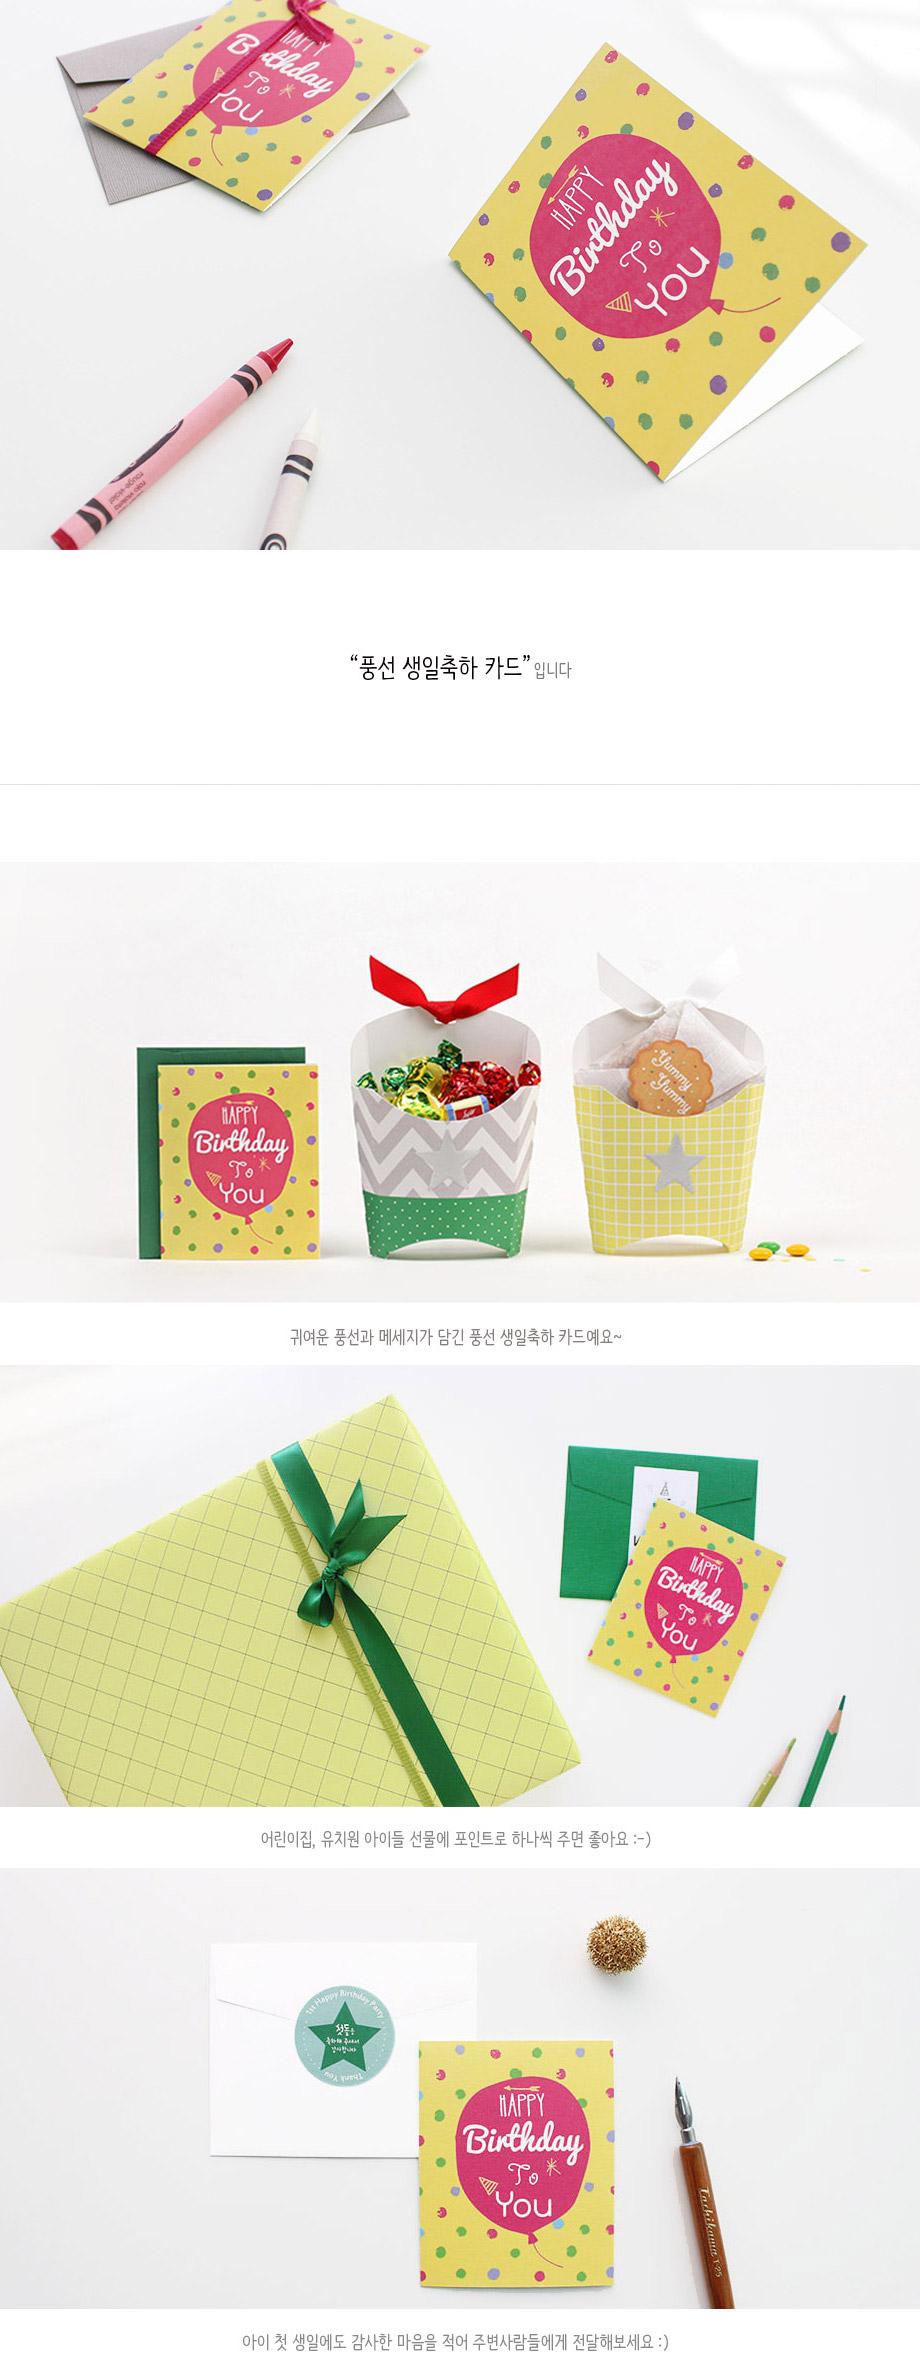 풍선 생일축하 카드 - 헬로우모리스, 1,000원, 카드, 축하 카드